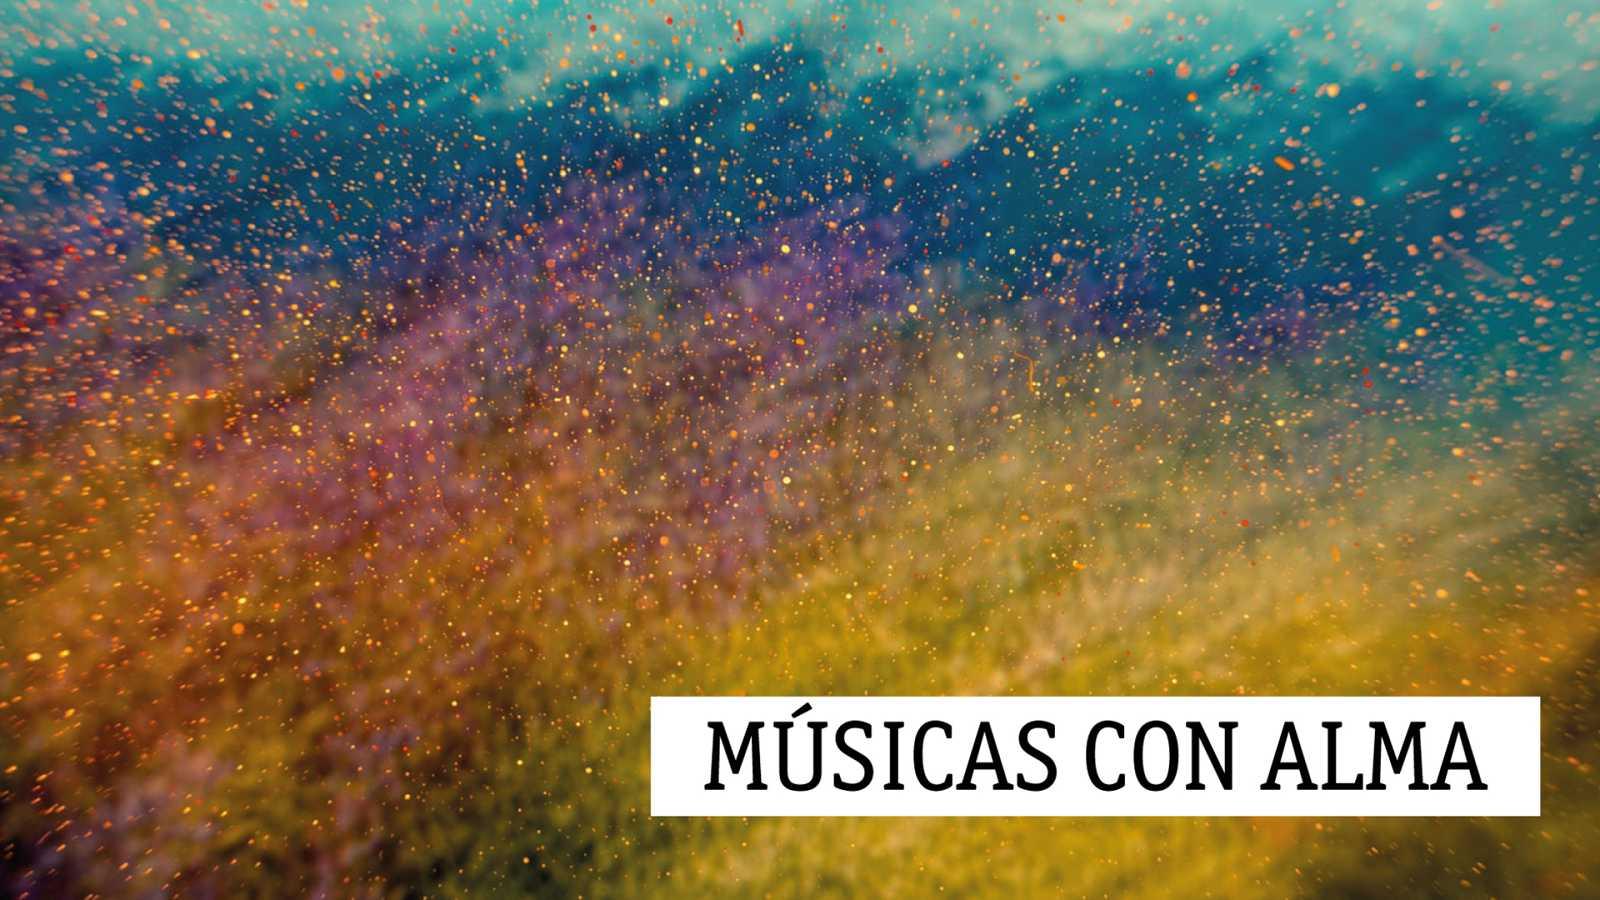 Músicas con alma - La isla fantástica - 01/06/20 - escuchar ahora